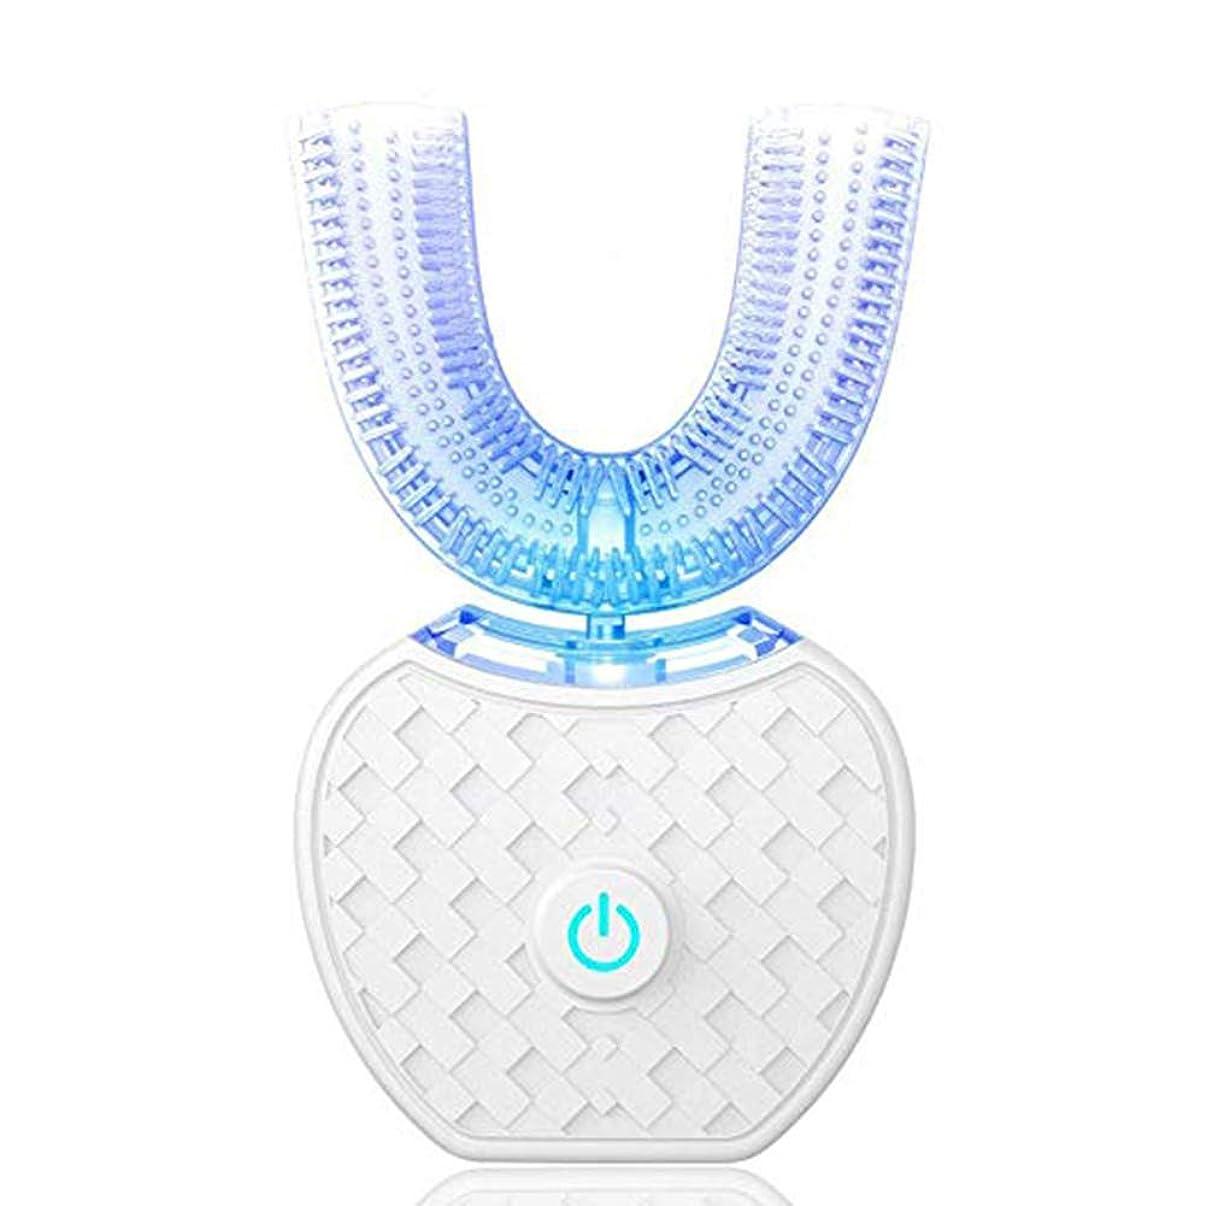 委託貫通するパケットAylincool電動歯ブラシ、ソニック歯ブラシ、歯のホワイトニングキット、歯のホワイトナー、デンタルケア、ホワイトニングキット、ポータブル自動LEDライトIPX7防水ハンズフリー